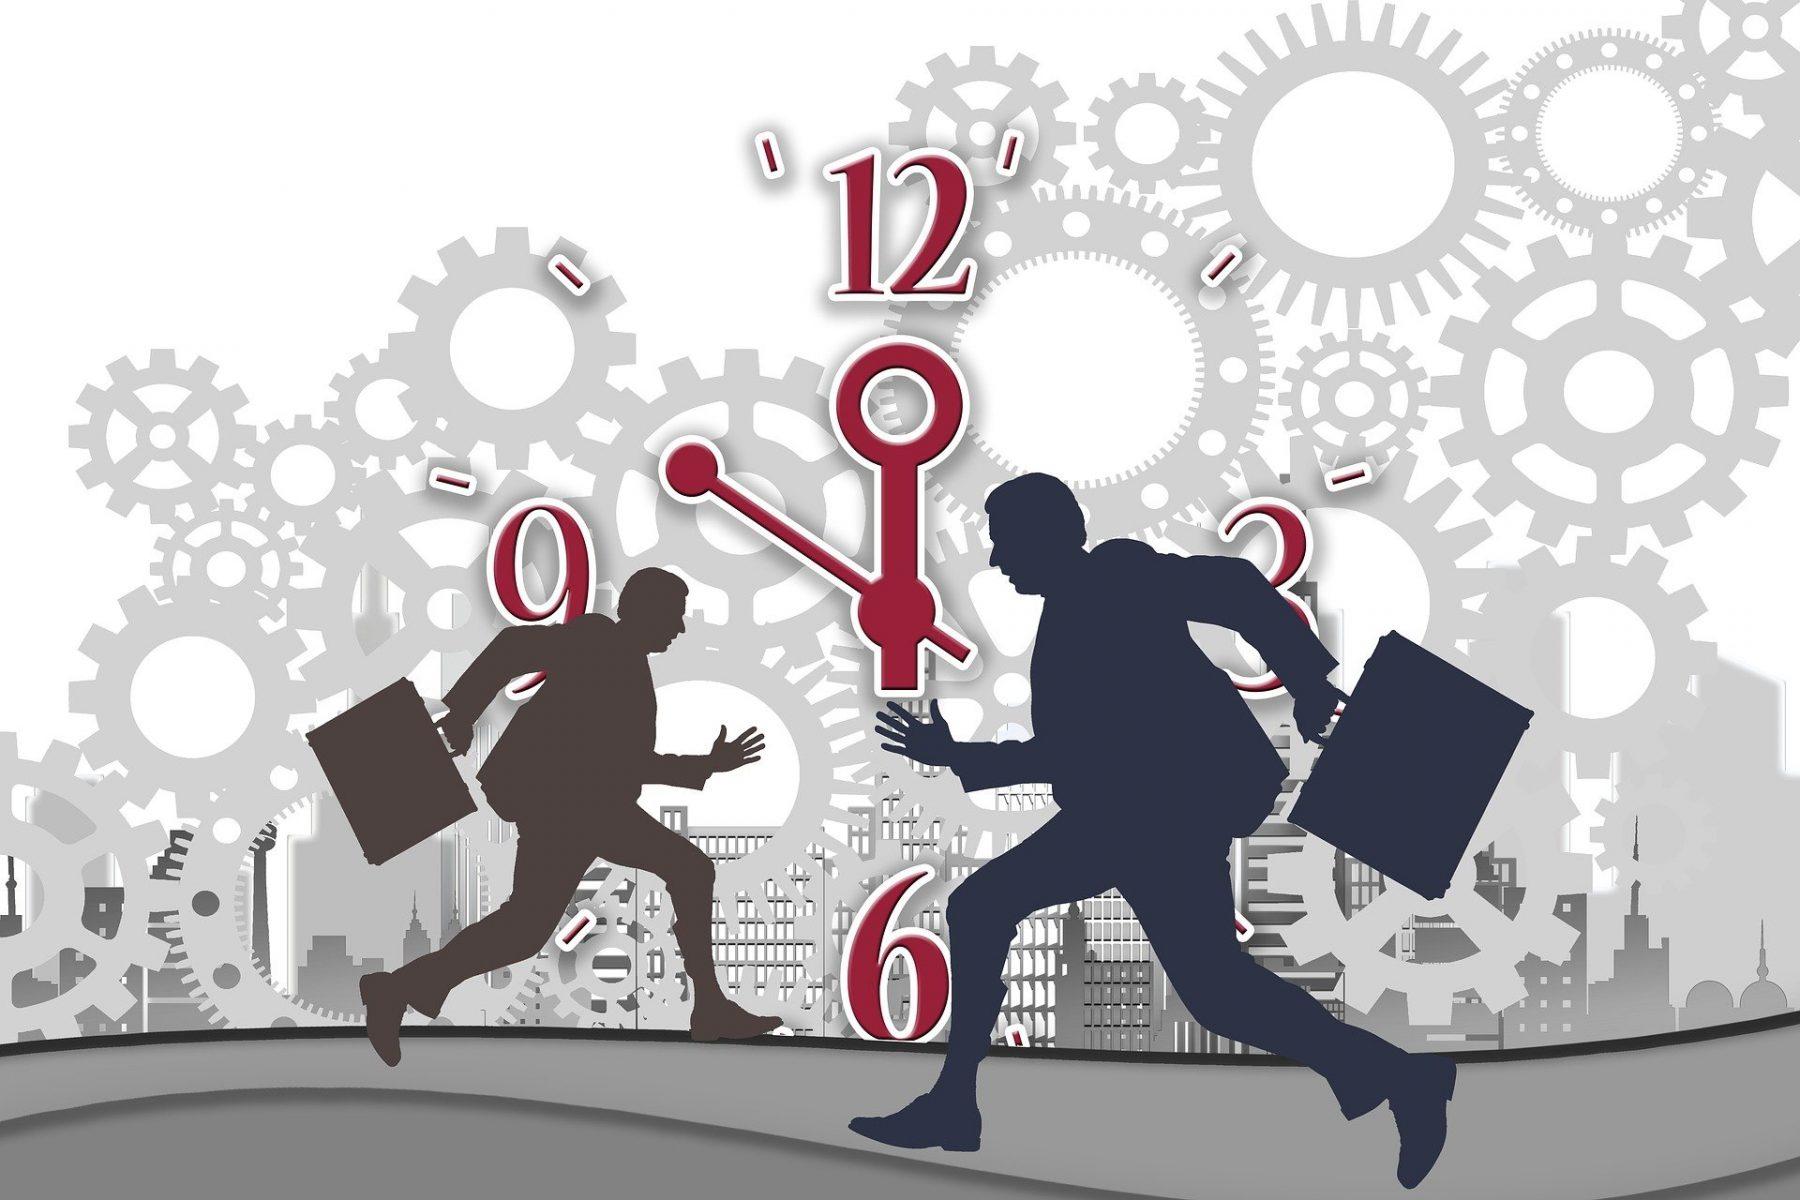 Εργασιακό άγχος: Γιατί δημιουργείται και πώς να το αποφύγετε